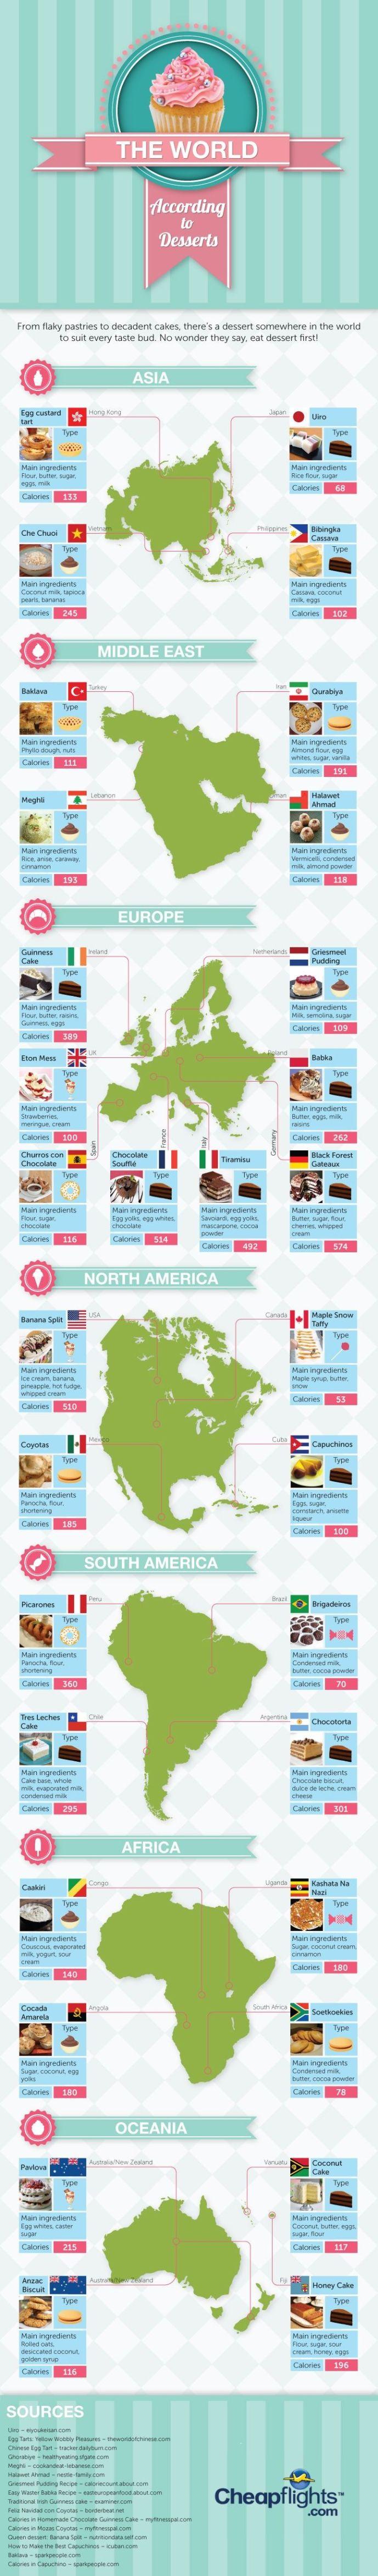 32 Desserts From Around the World